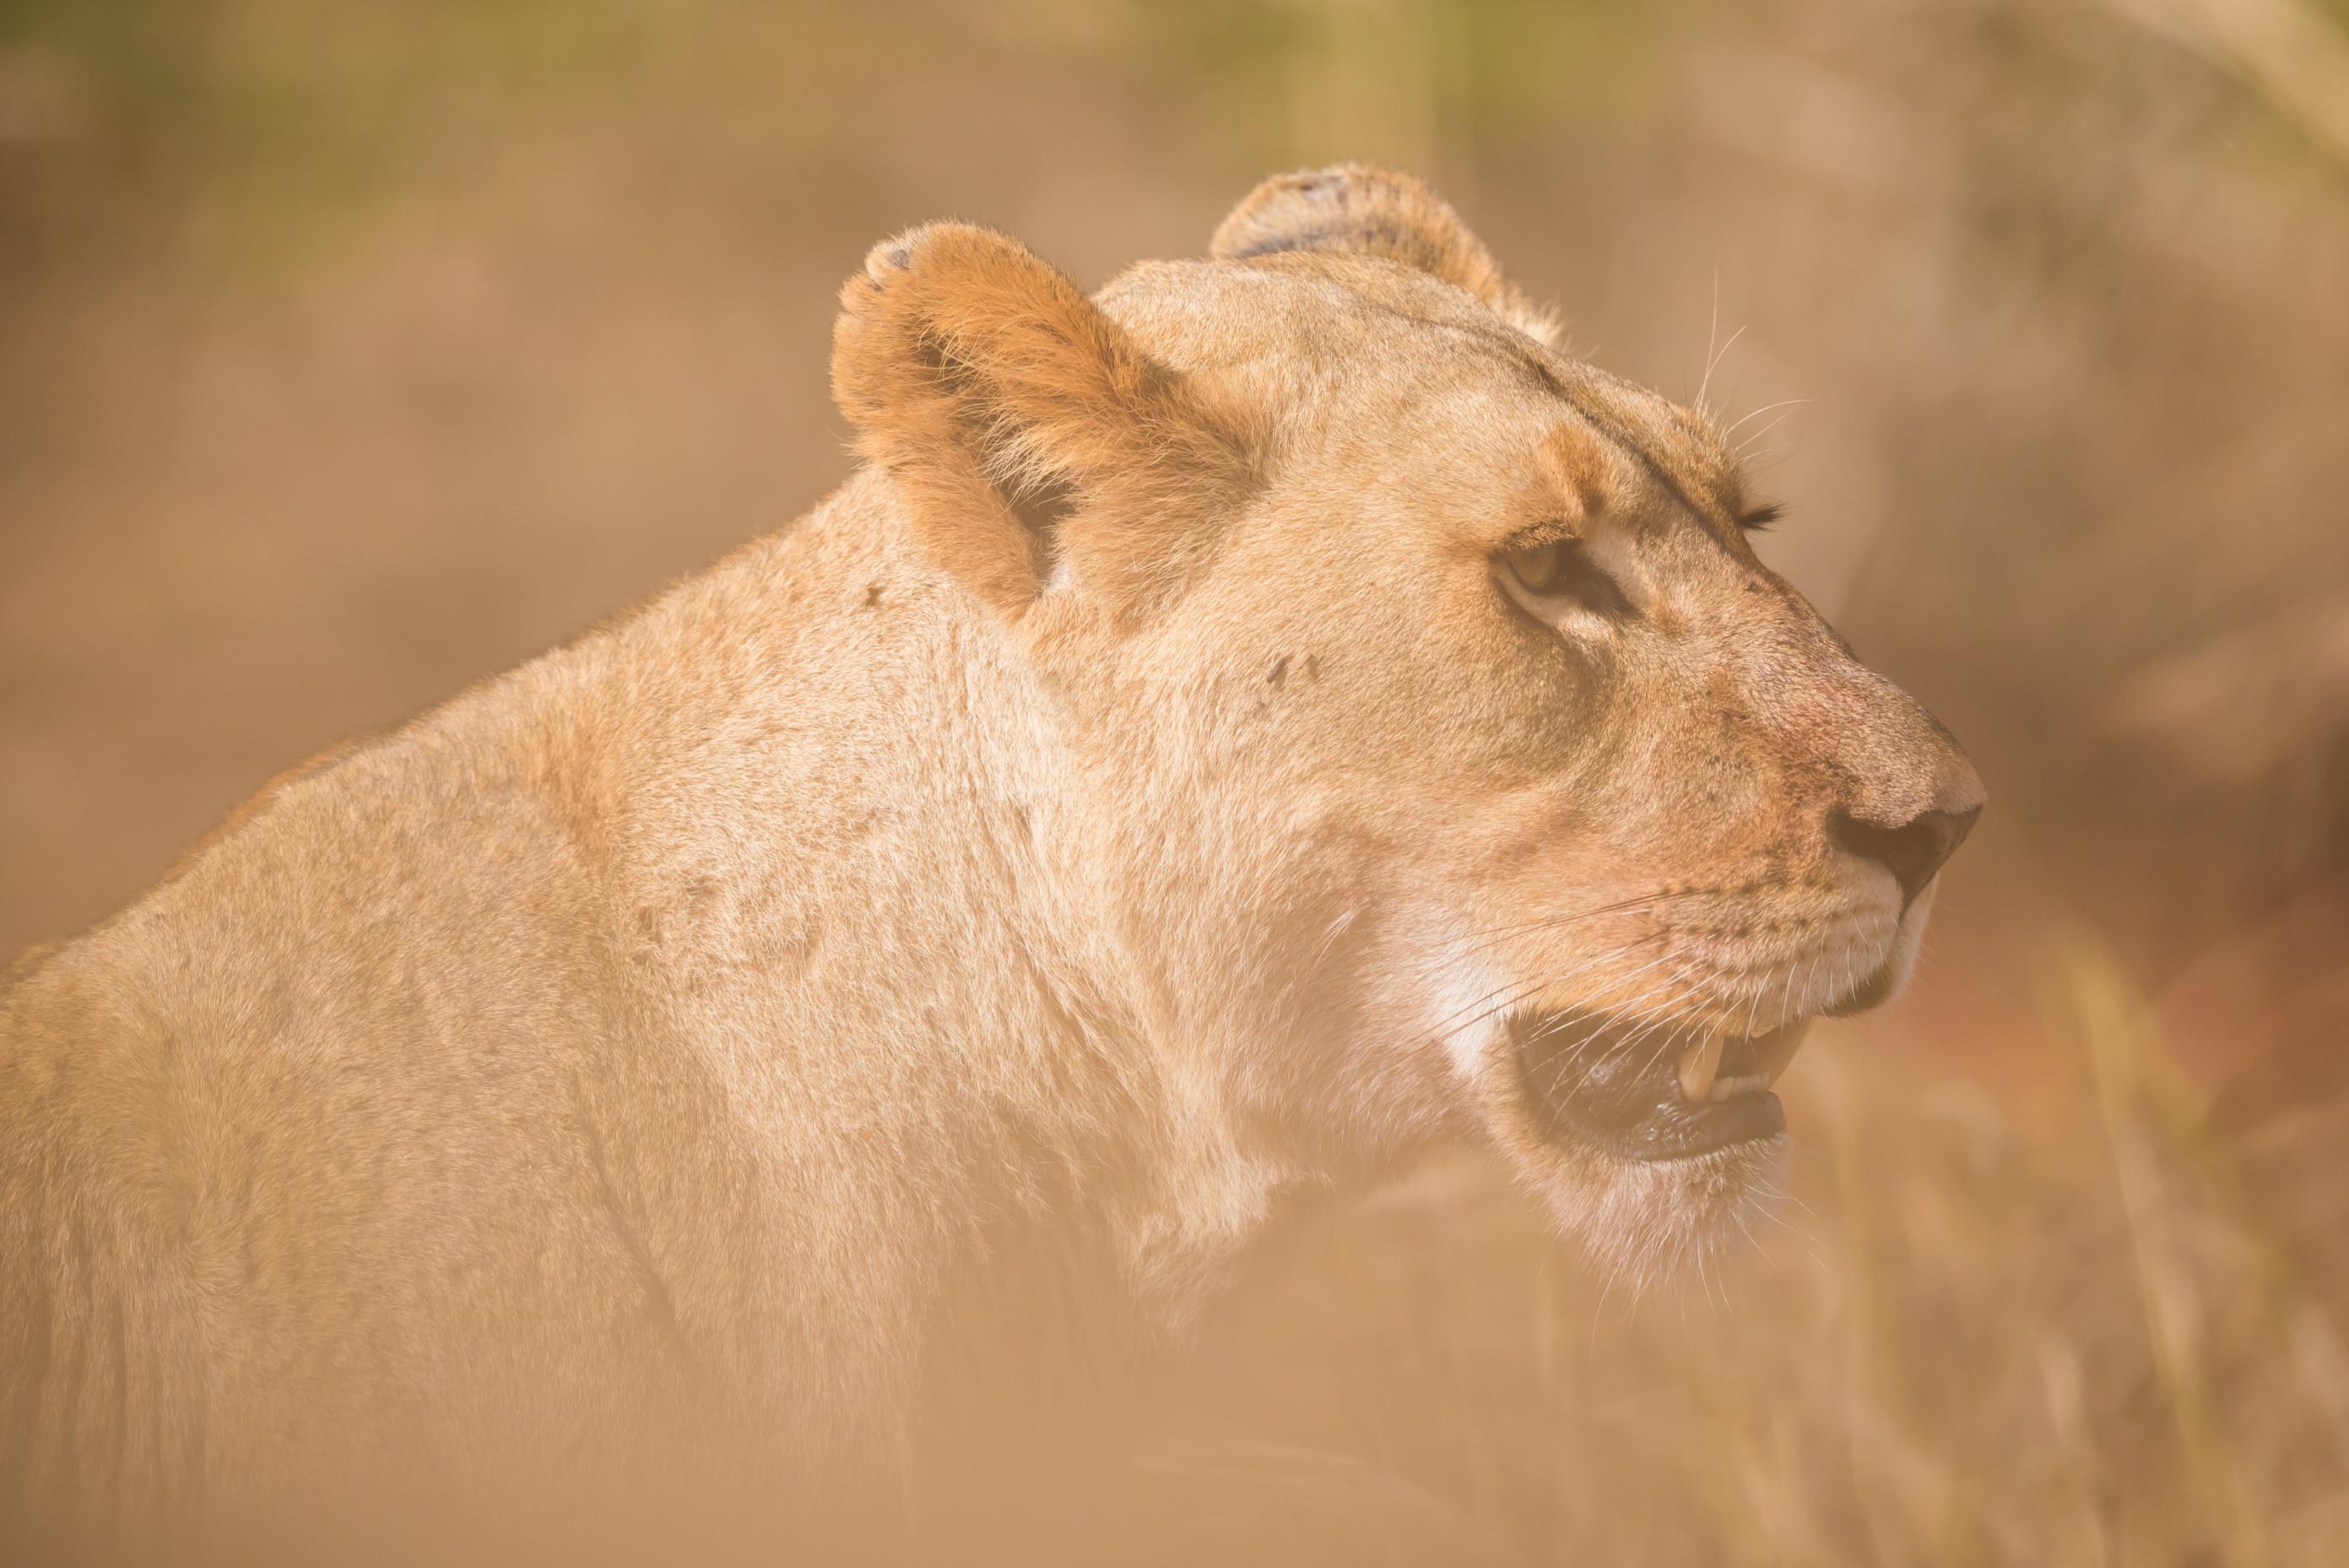 wildlife zimanga 5112